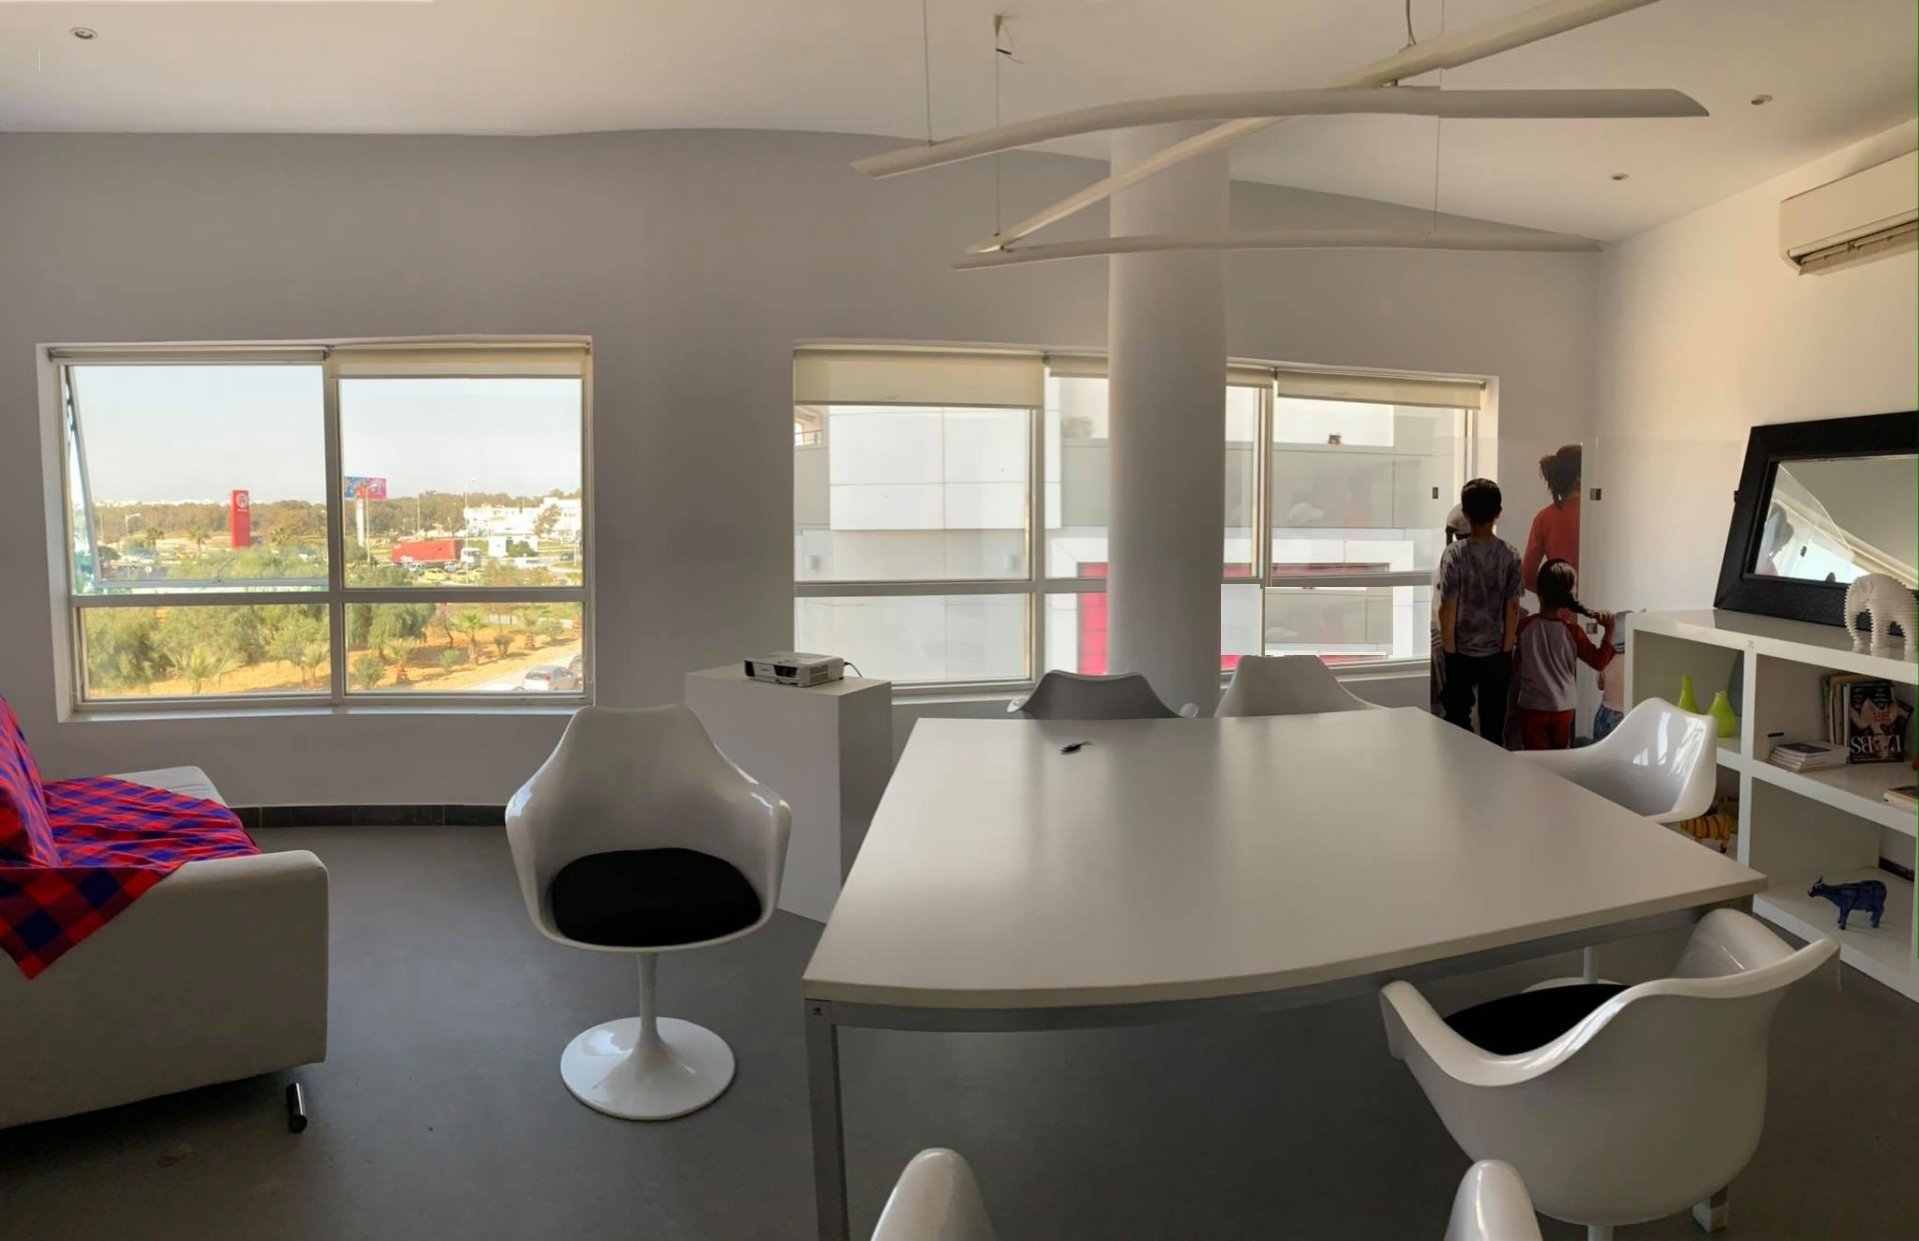 Vente Bureau de 4 pièces 143.5 m² au Lac 2